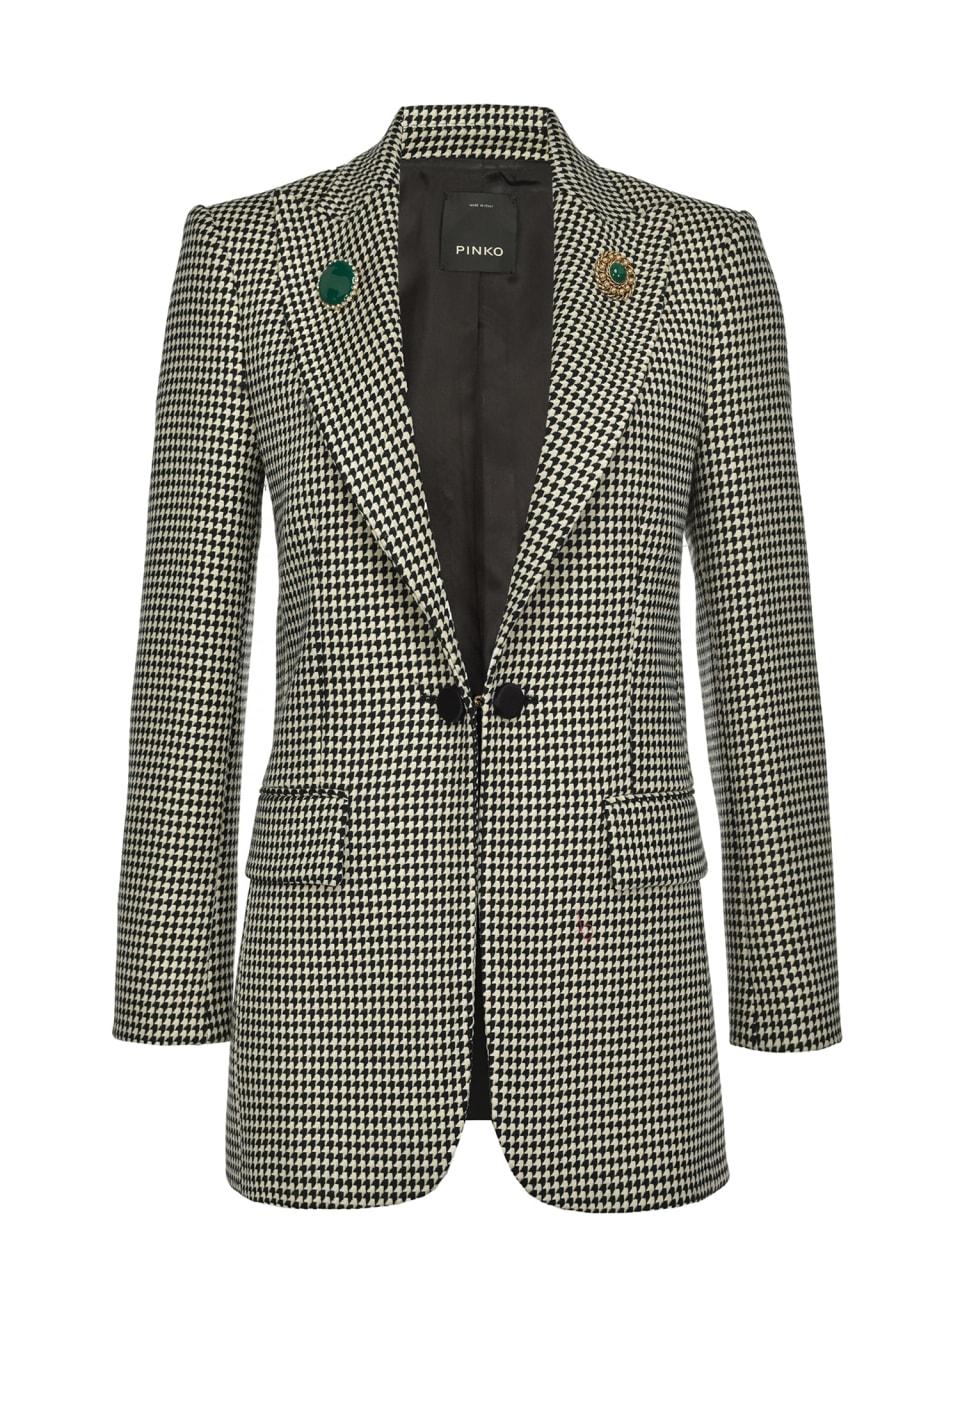 Houndstooth blazer with cufflinks